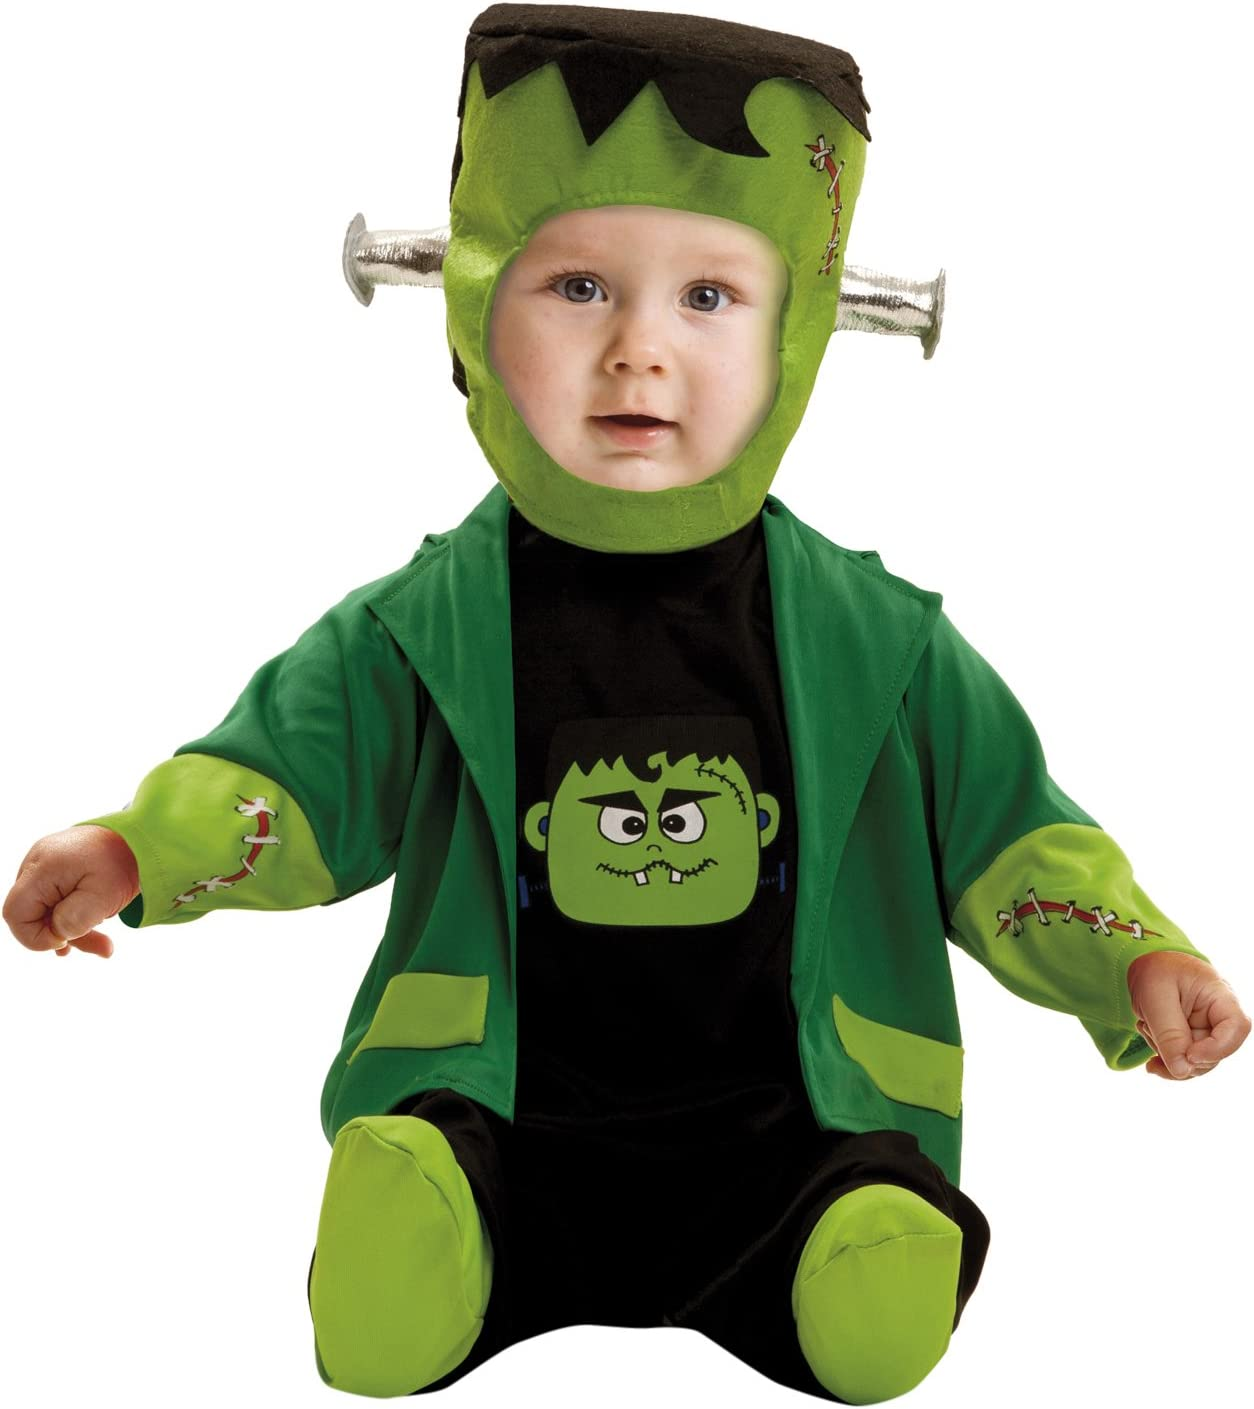 My Other Me Me-203268 Disfraz de bebé Franky para niño, 1-2 años (Viving Costumes 203268)